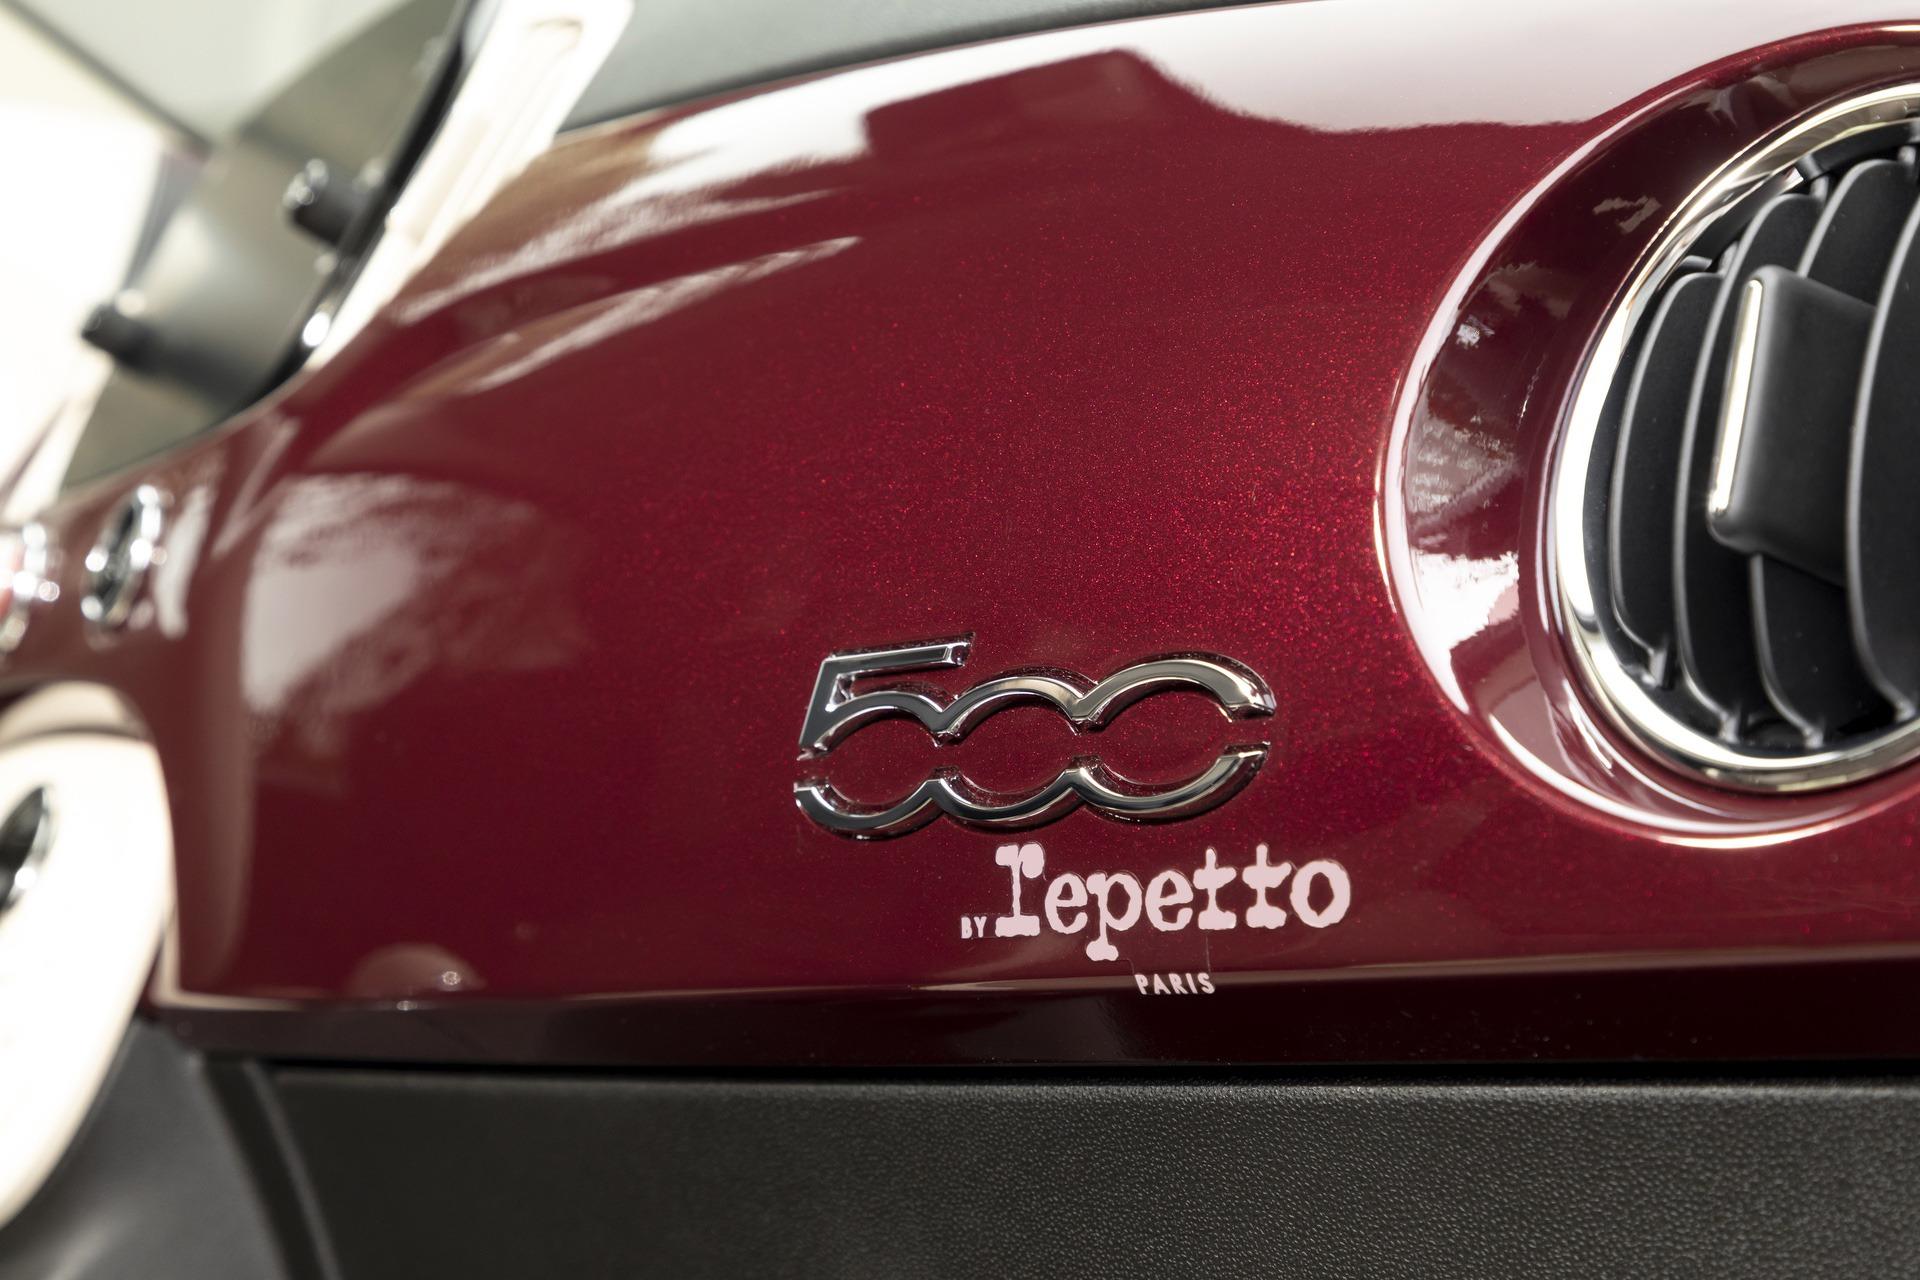 Fiat_500_Repetto_0024